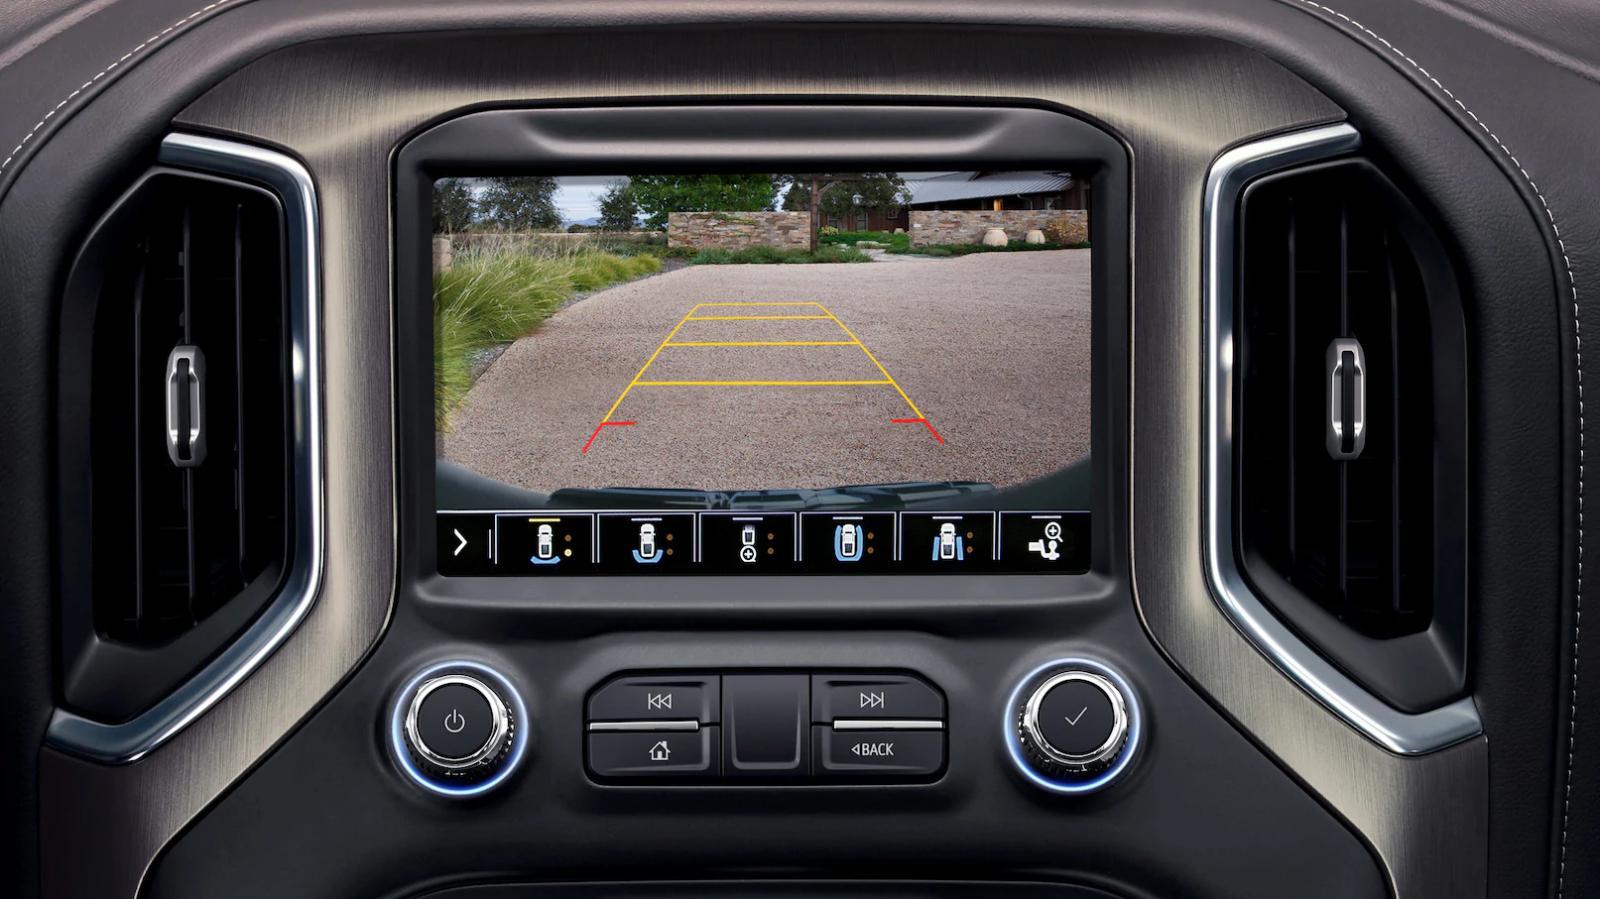 La GMC Sierra AT4 2020 presume una pantalla táctil de 8 pulgadas